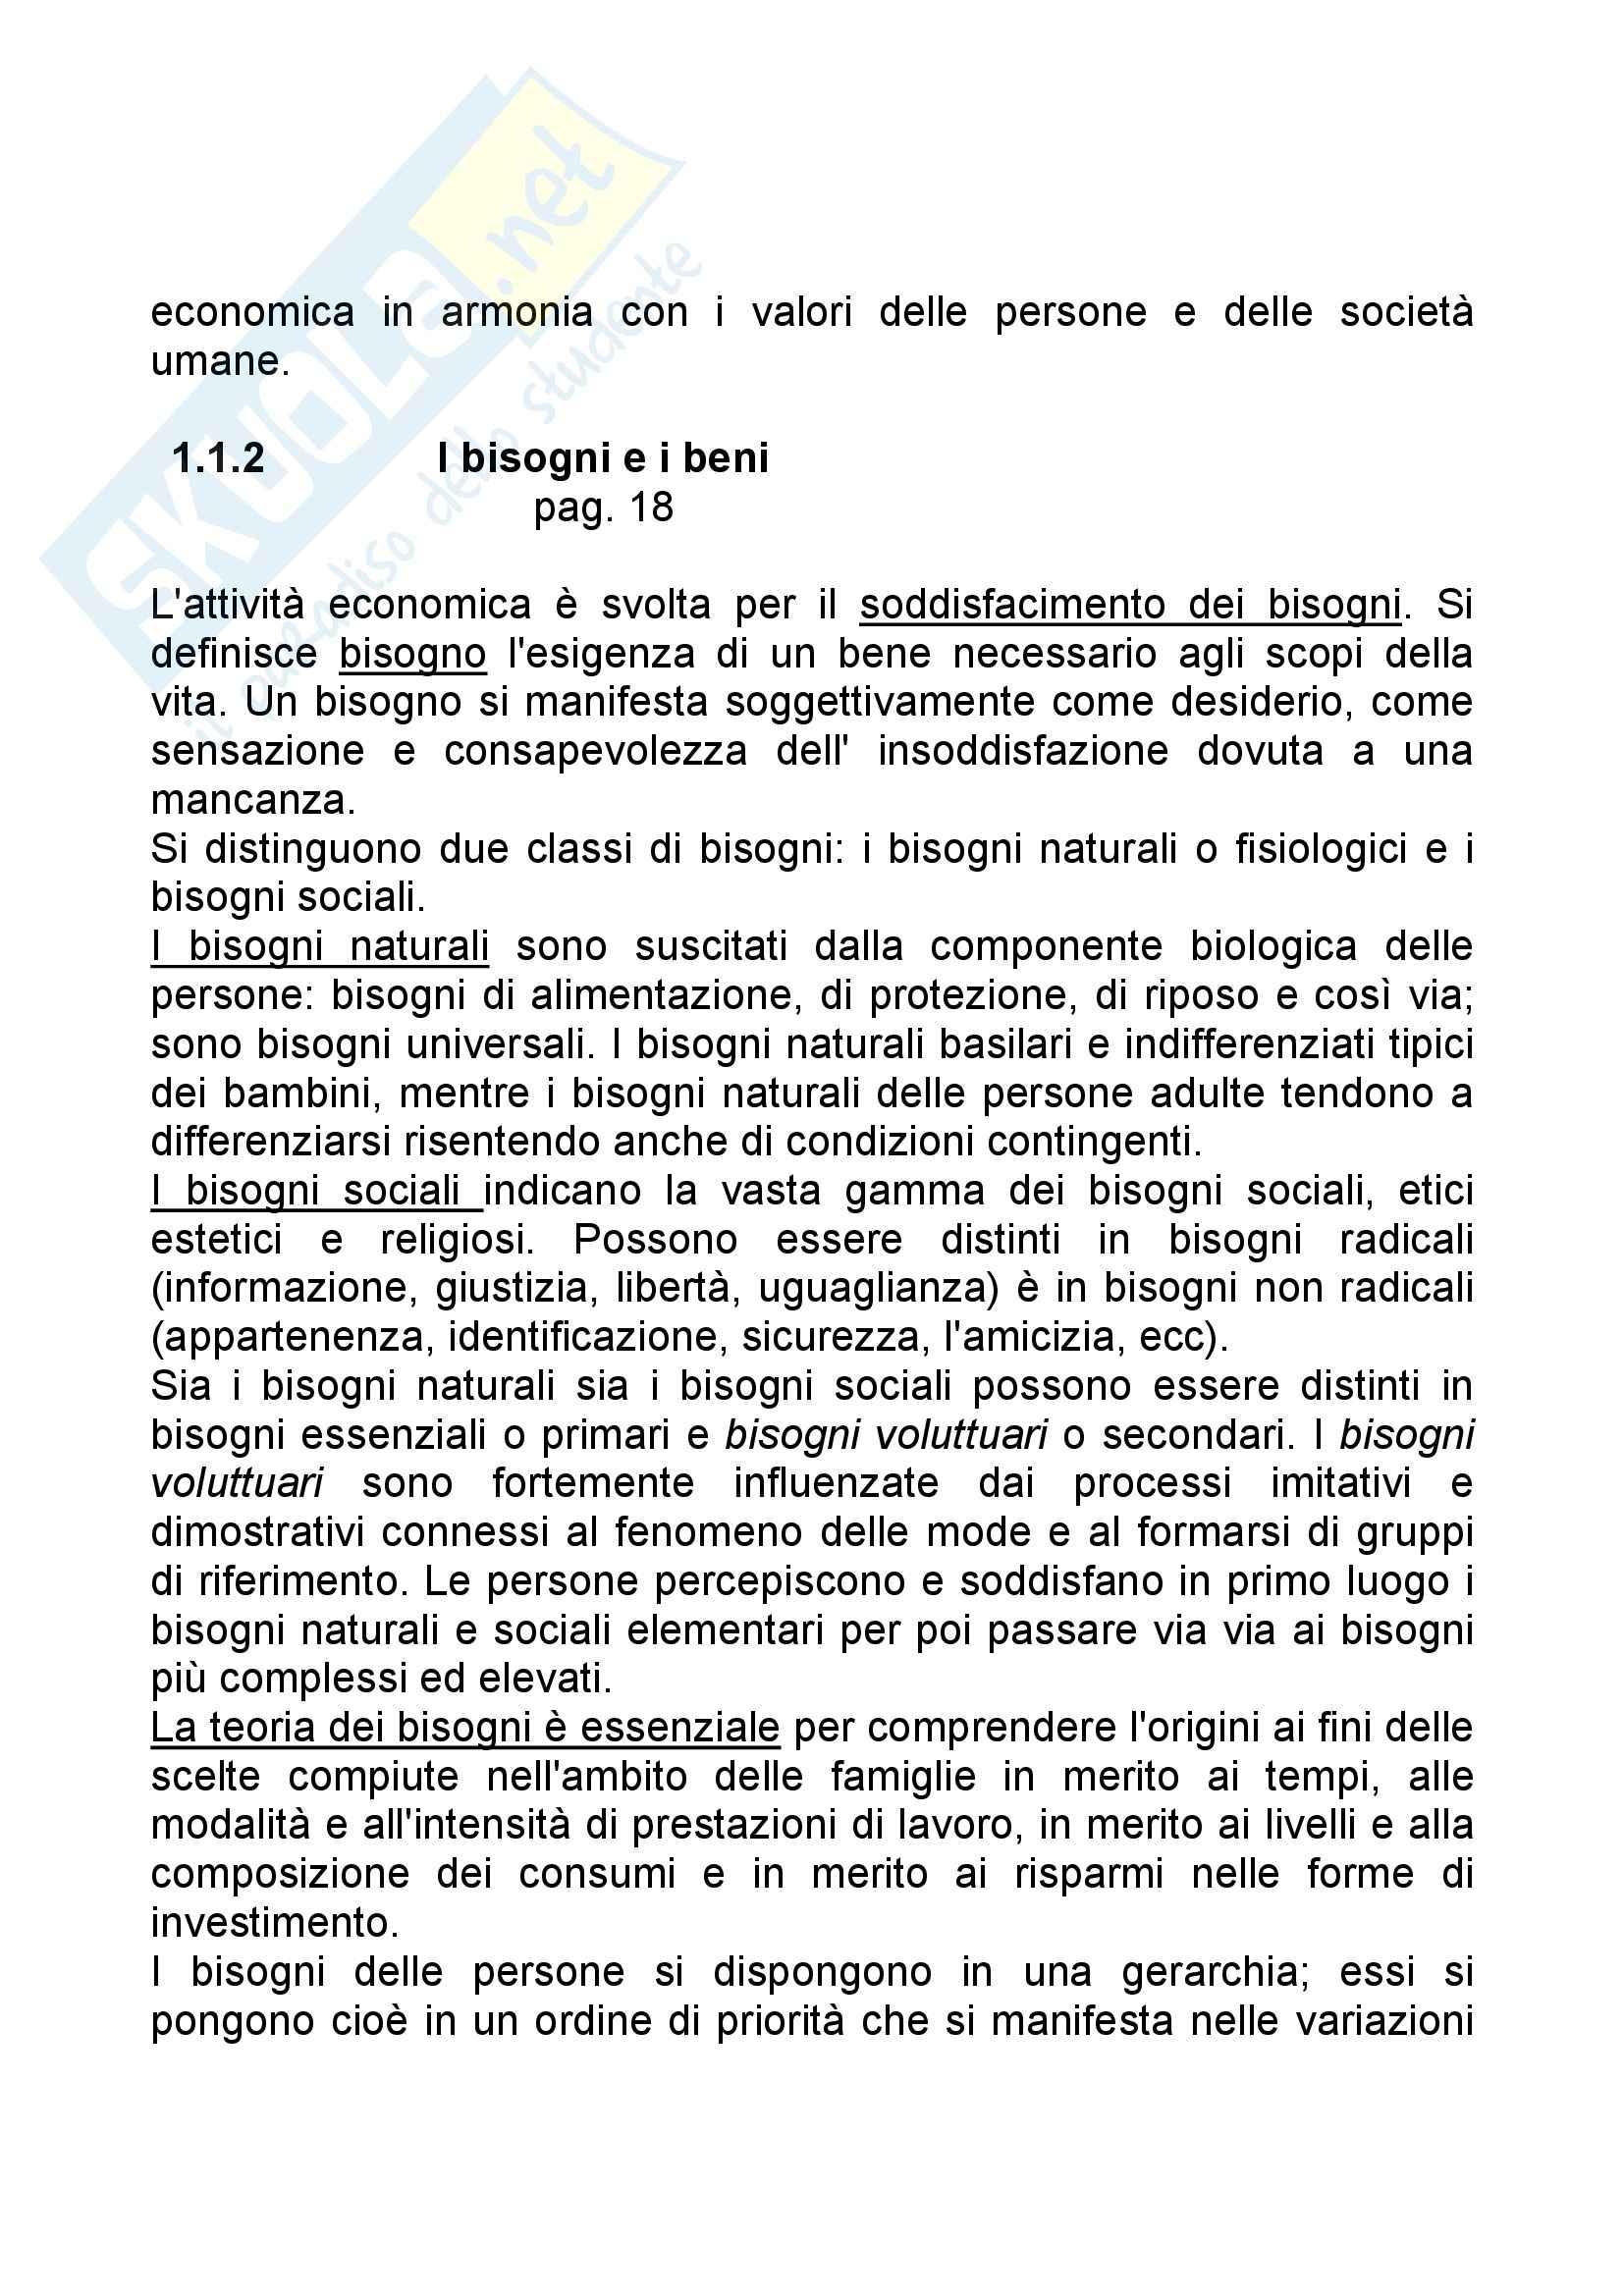 Riassunto esame Economia Aziendale, prof. Bagnoli, libro consigliato Corso di Economia Aziendale, Airoldi Pag. 2